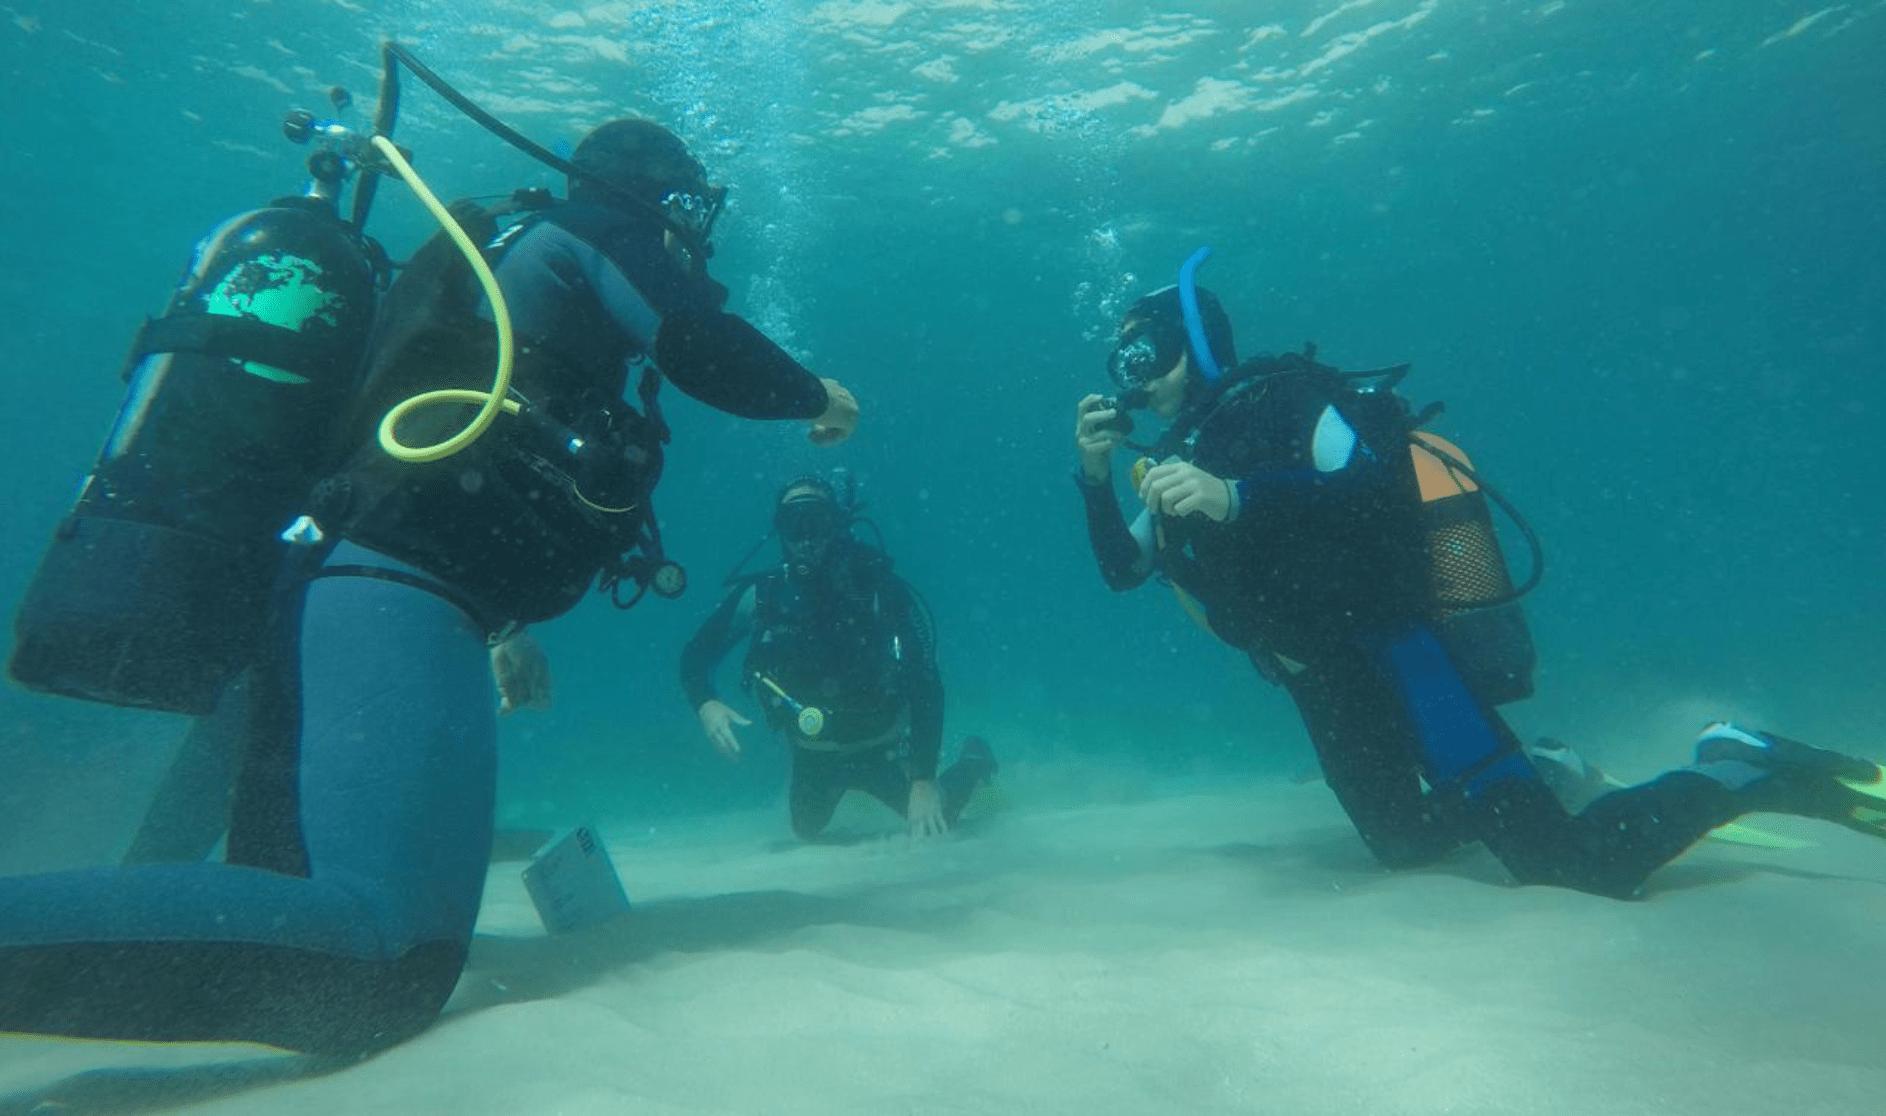 Excursion plongée sous-marine pour plongeurs débutants.